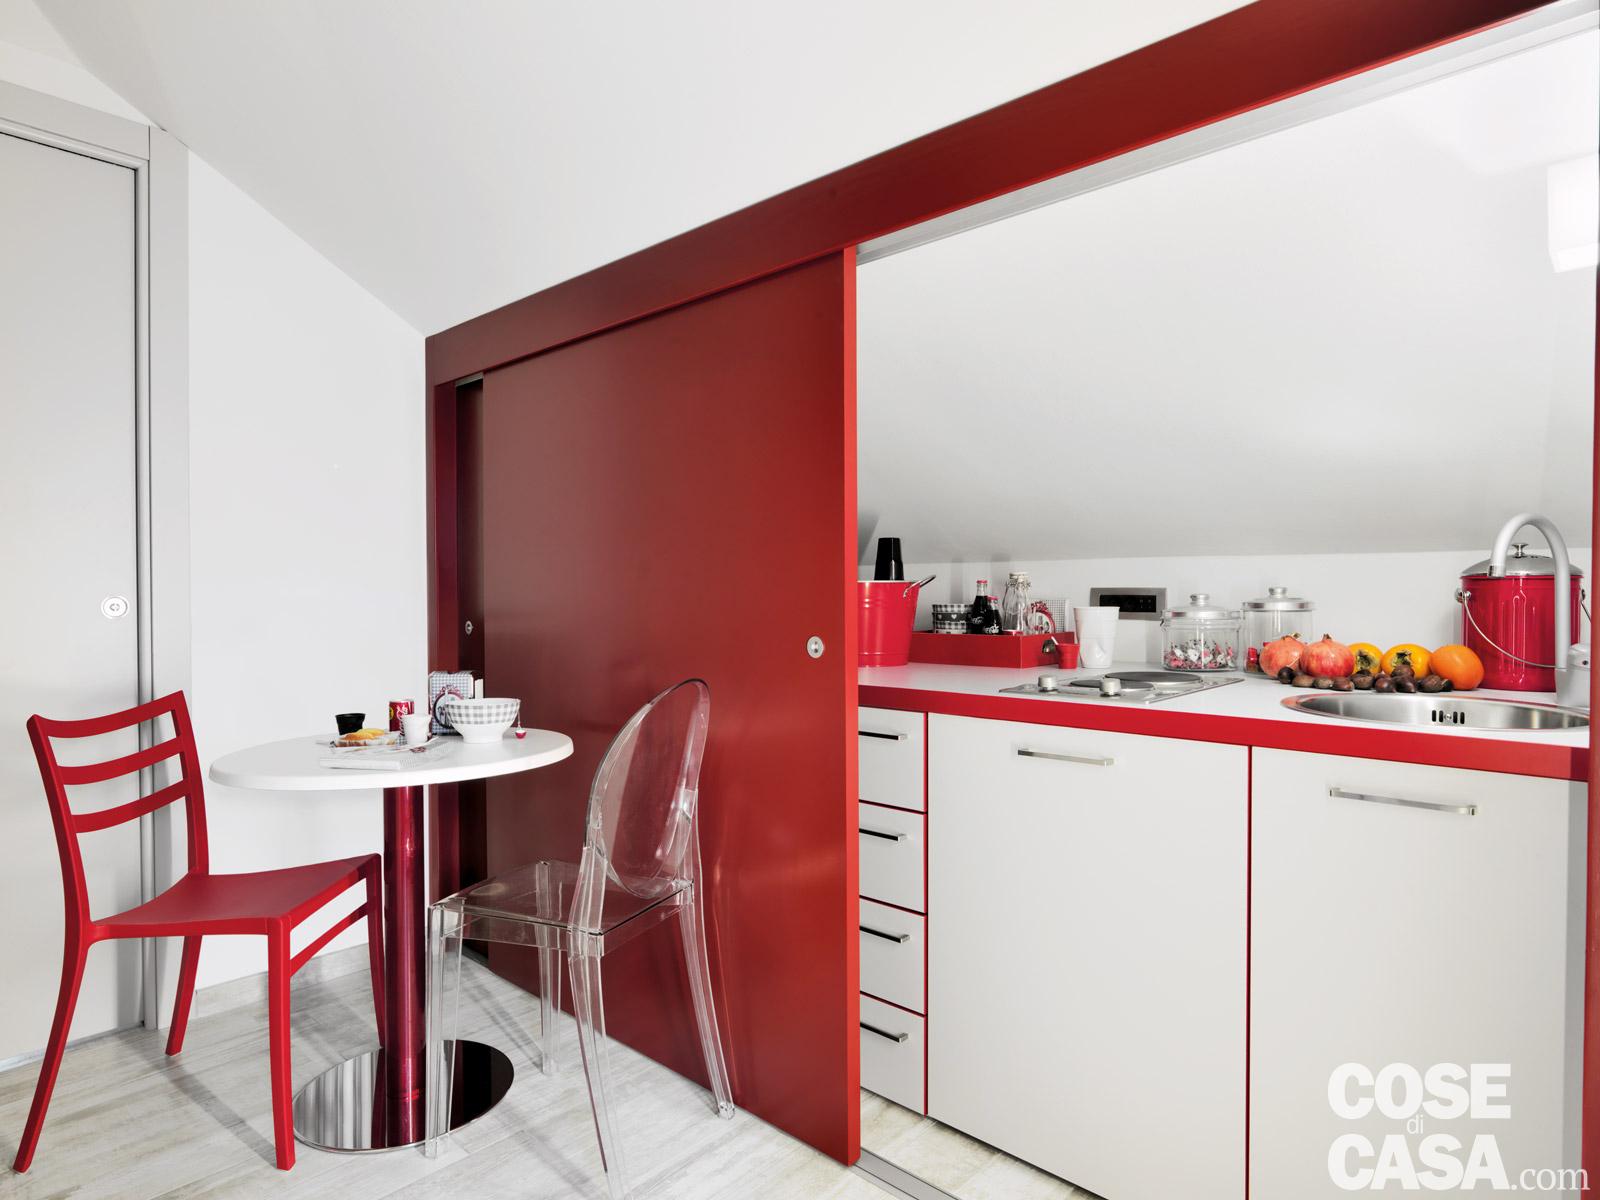 Idee per dividere gli spazi di una mansarda - Cucine per mansarda ...